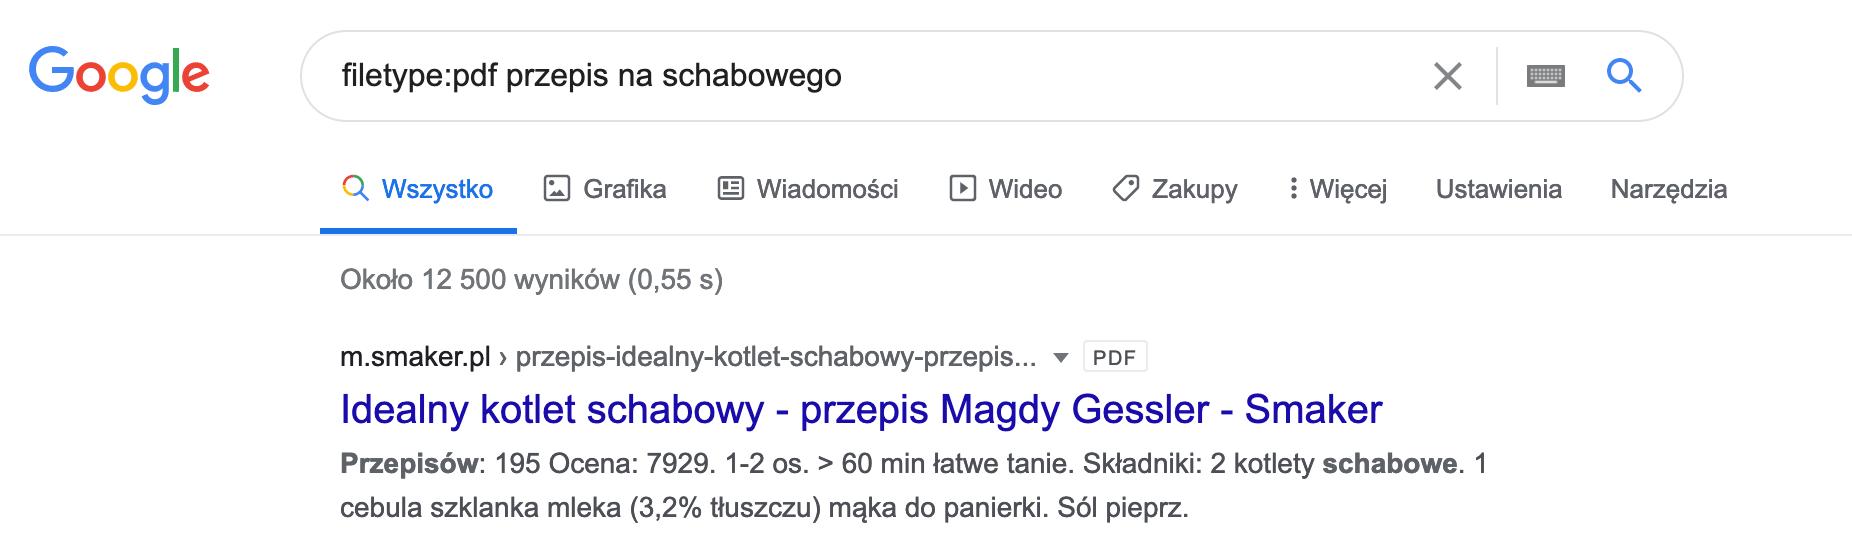 wyszukiwanie w google przepisu na schabowego w pdf